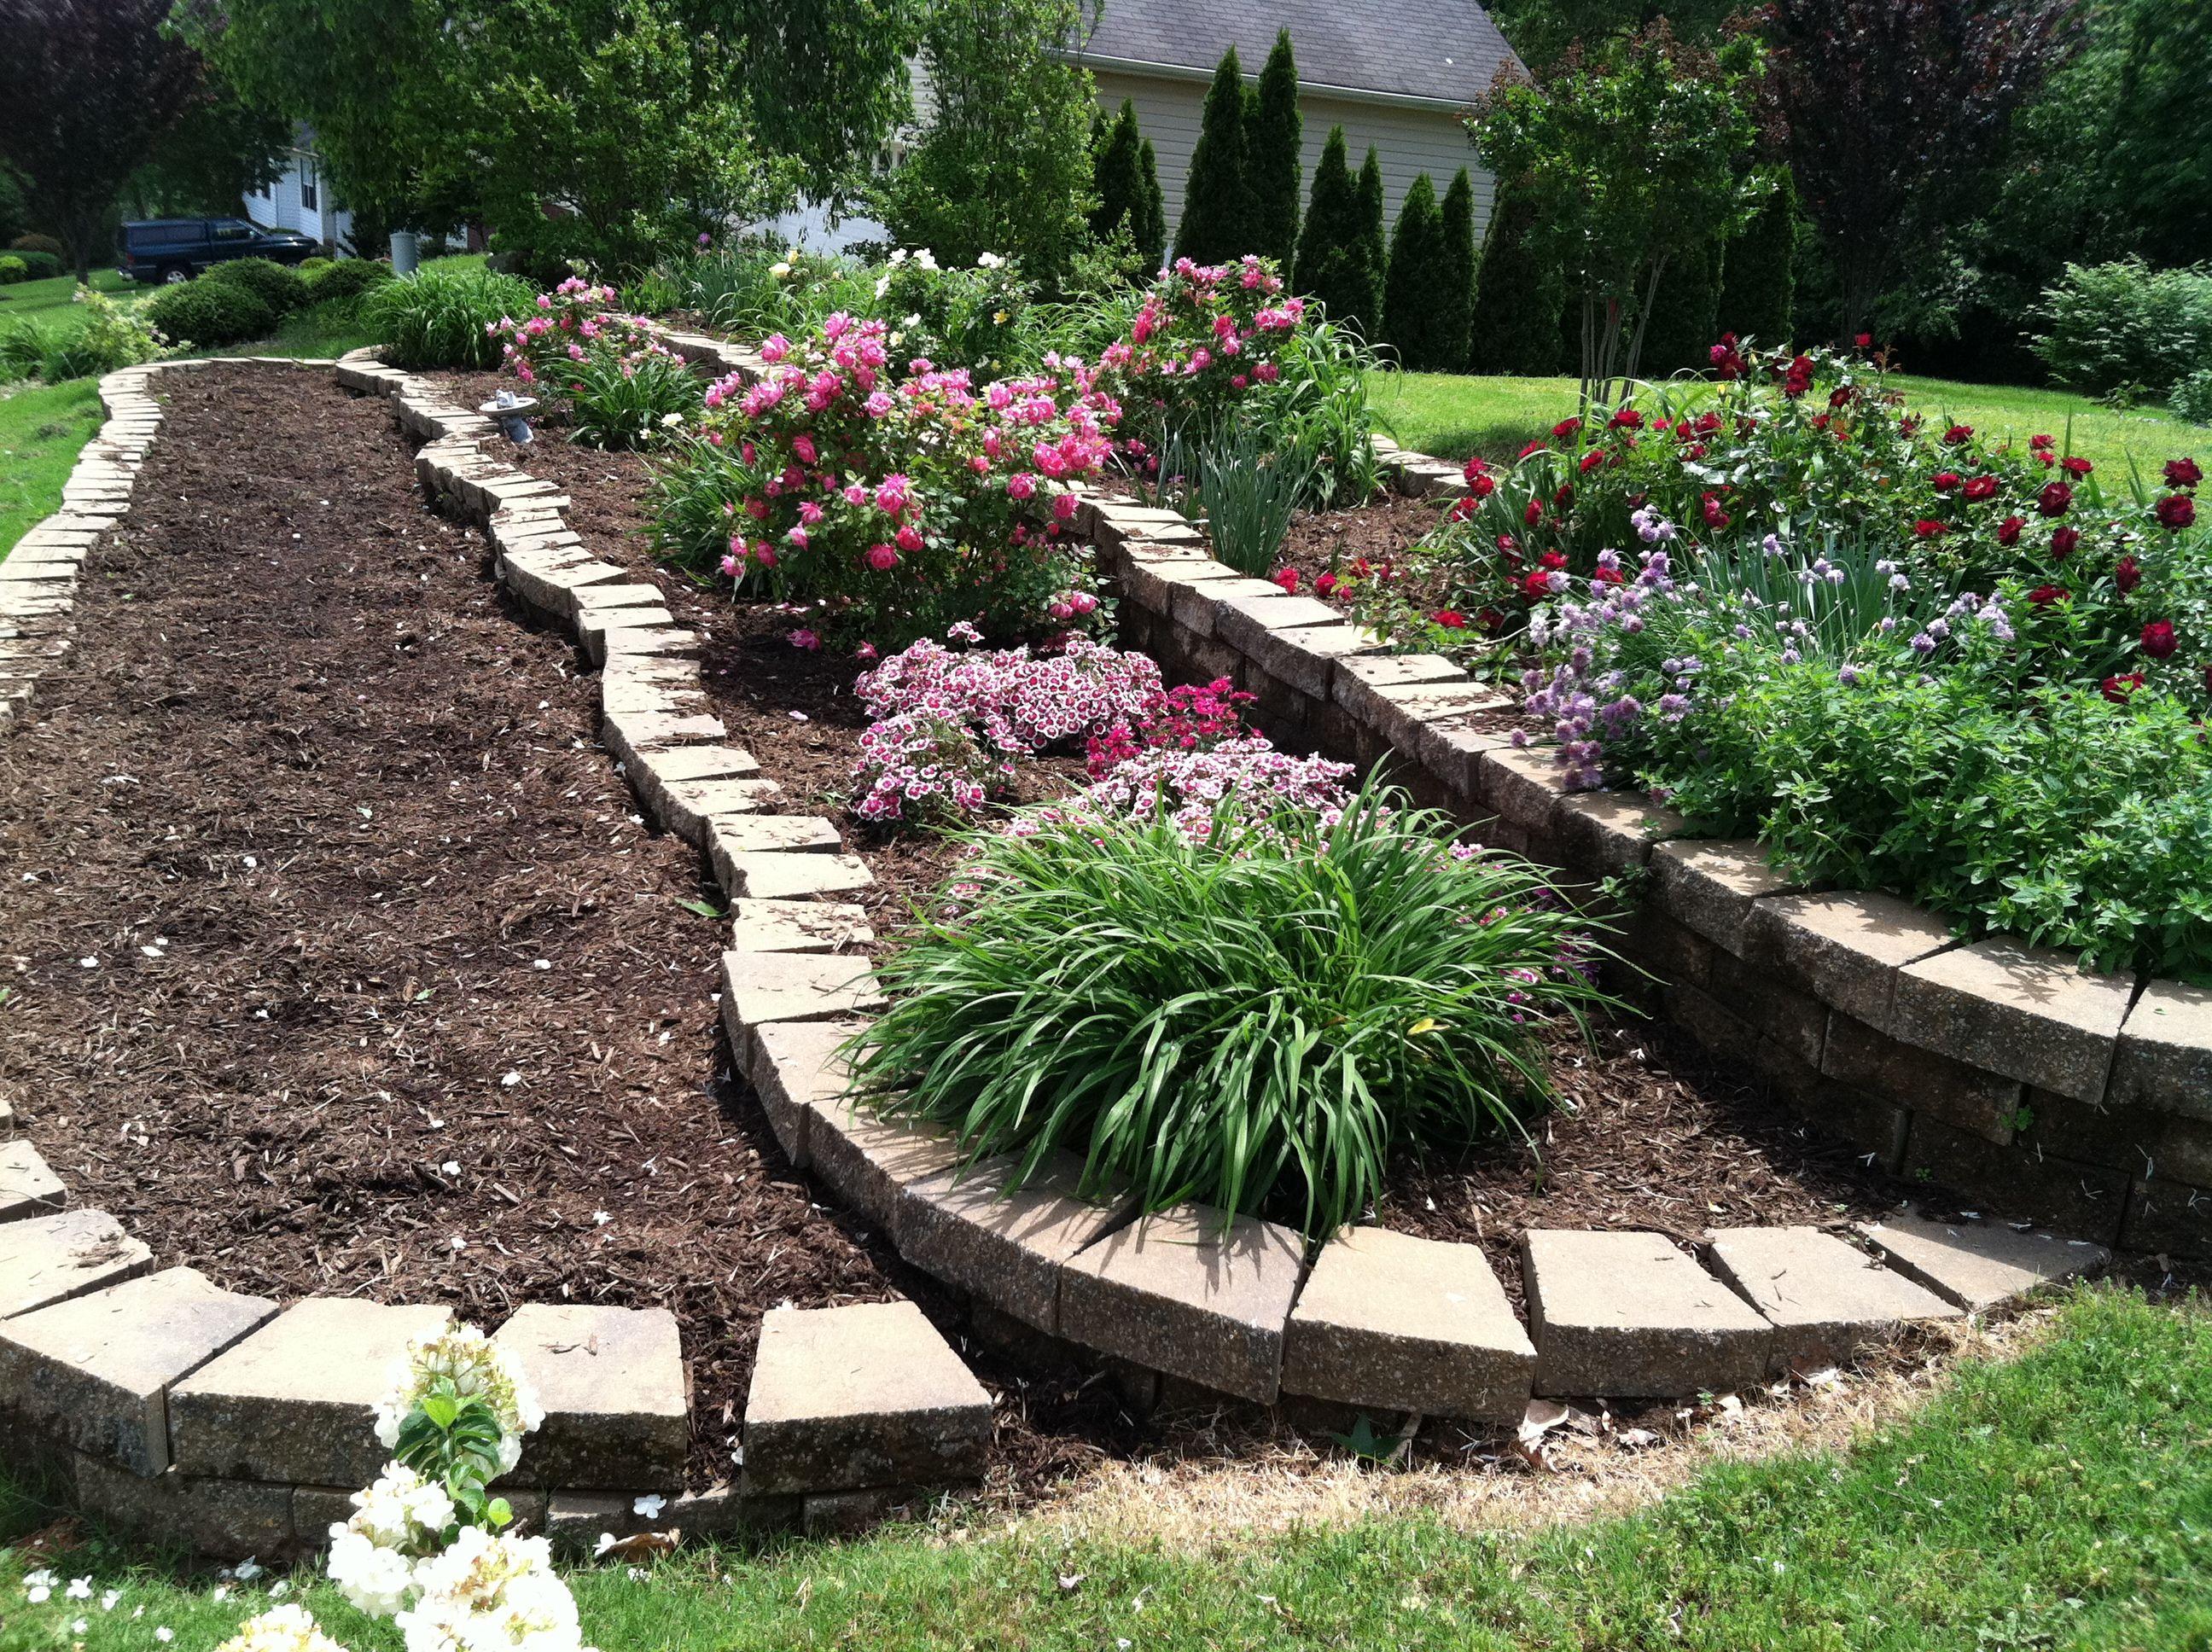 Tiered Garden Ideas 16 Photo Gallery - SFConfelca Homes